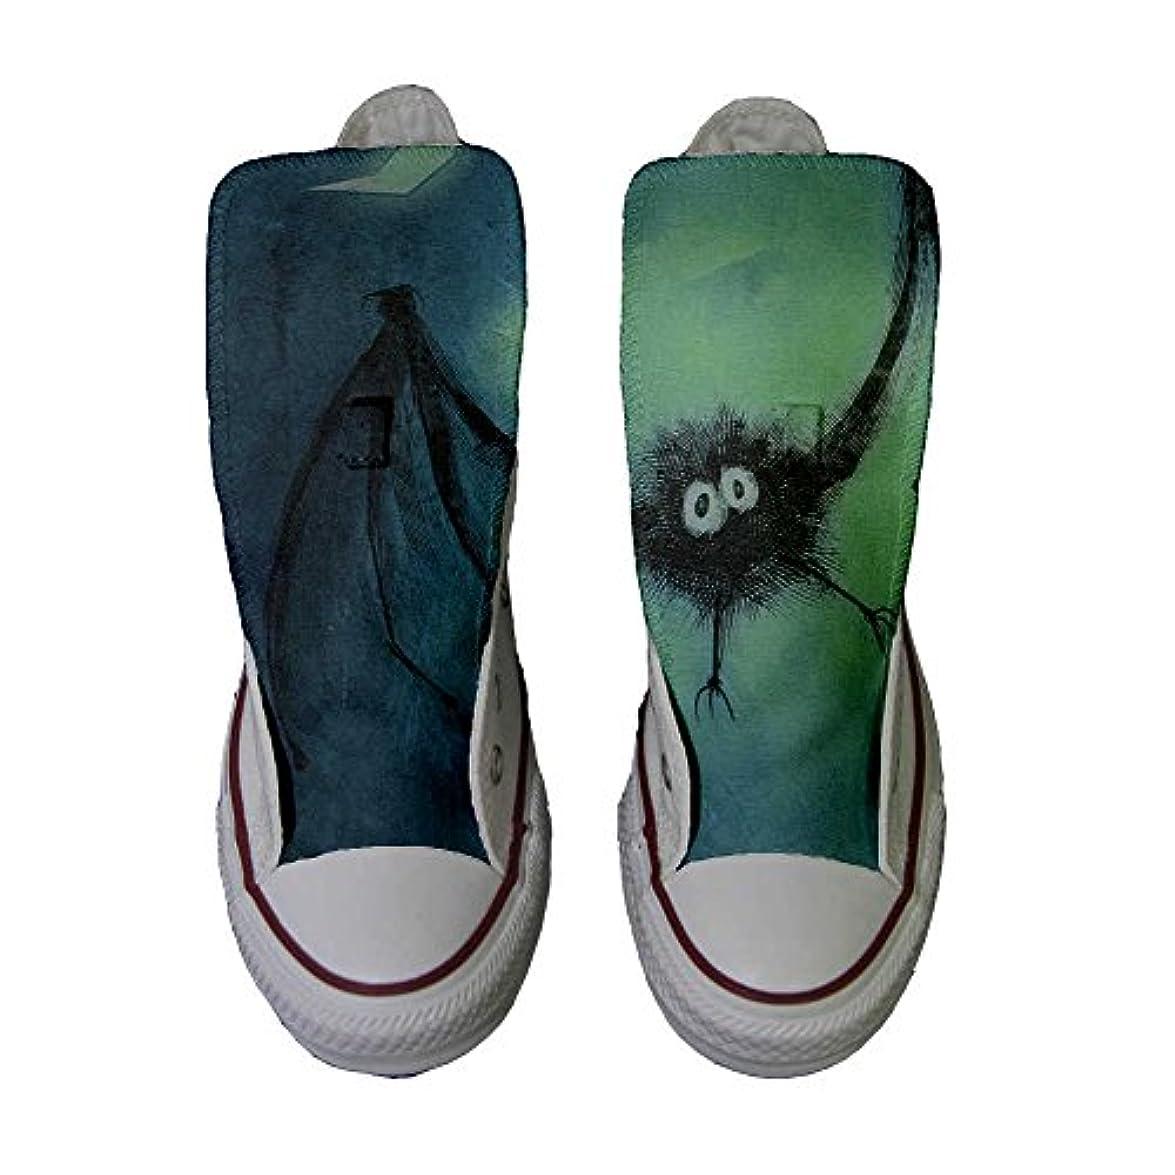 Converse Personalizzate All Star Sneaker Unisex prodotto Artigianale Pipistrello - Tg36